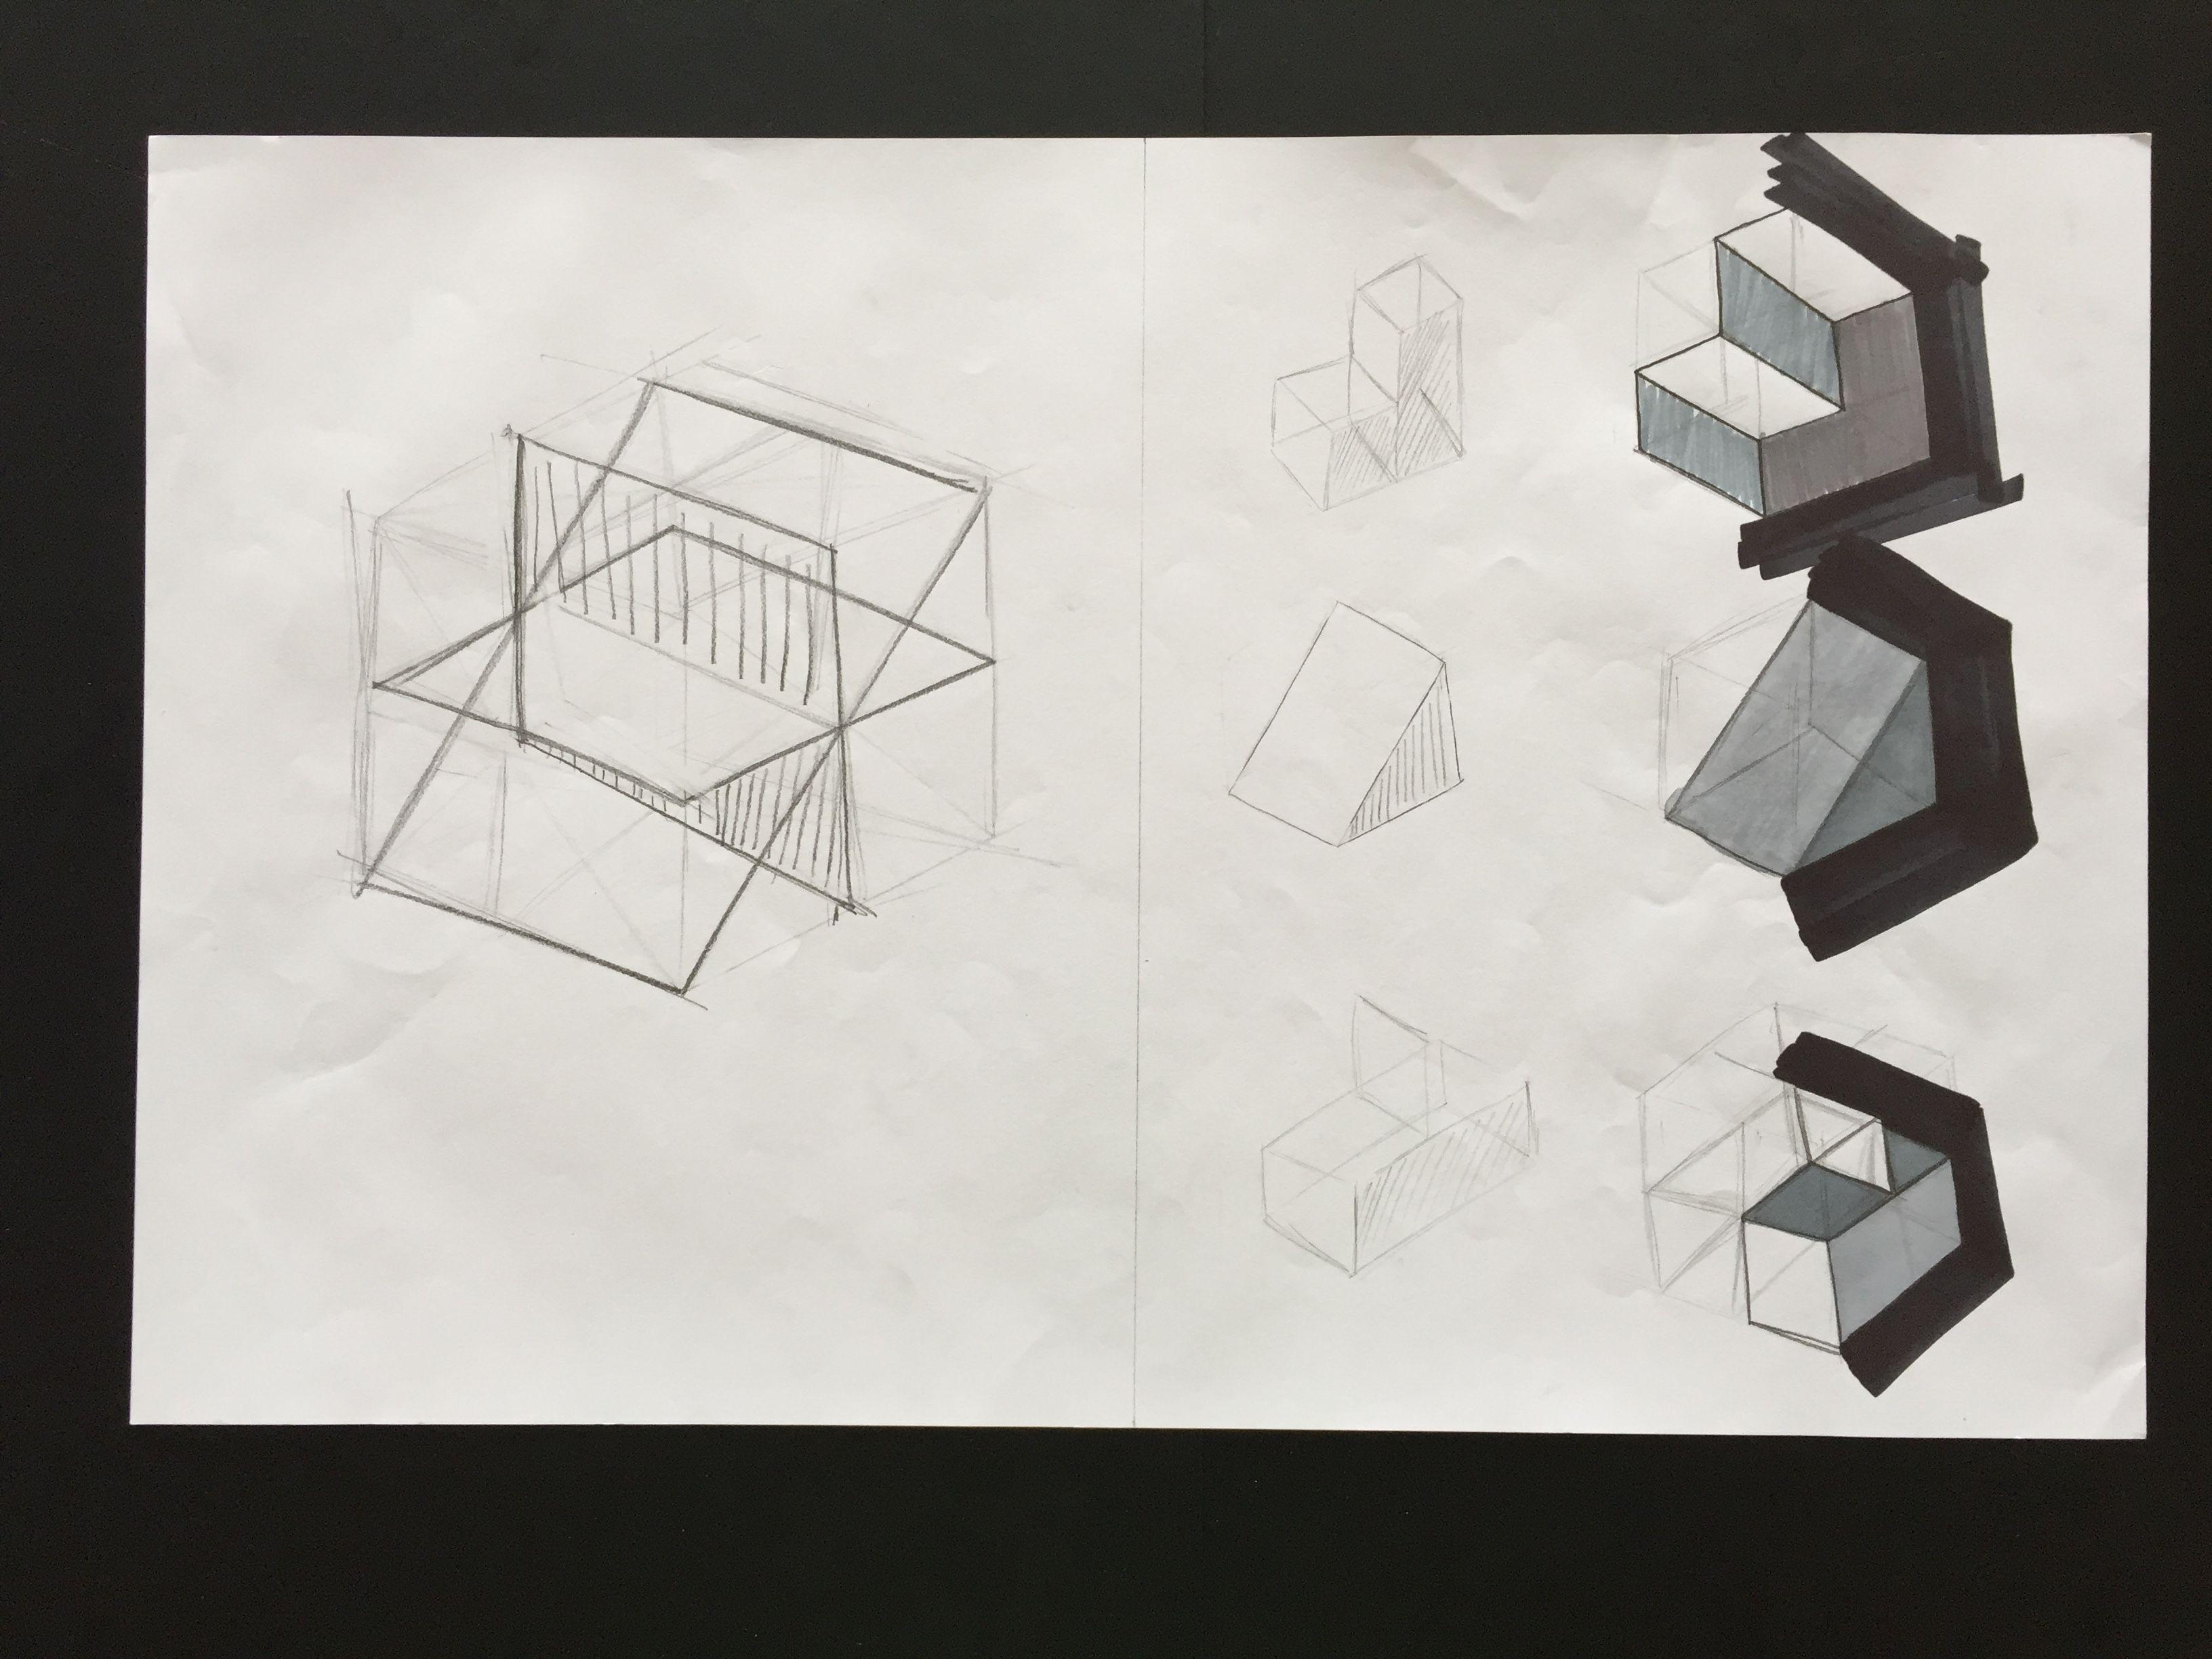 Semana 5. Dibujo del cubo y subdivisión | Dibujo I | Pinterest